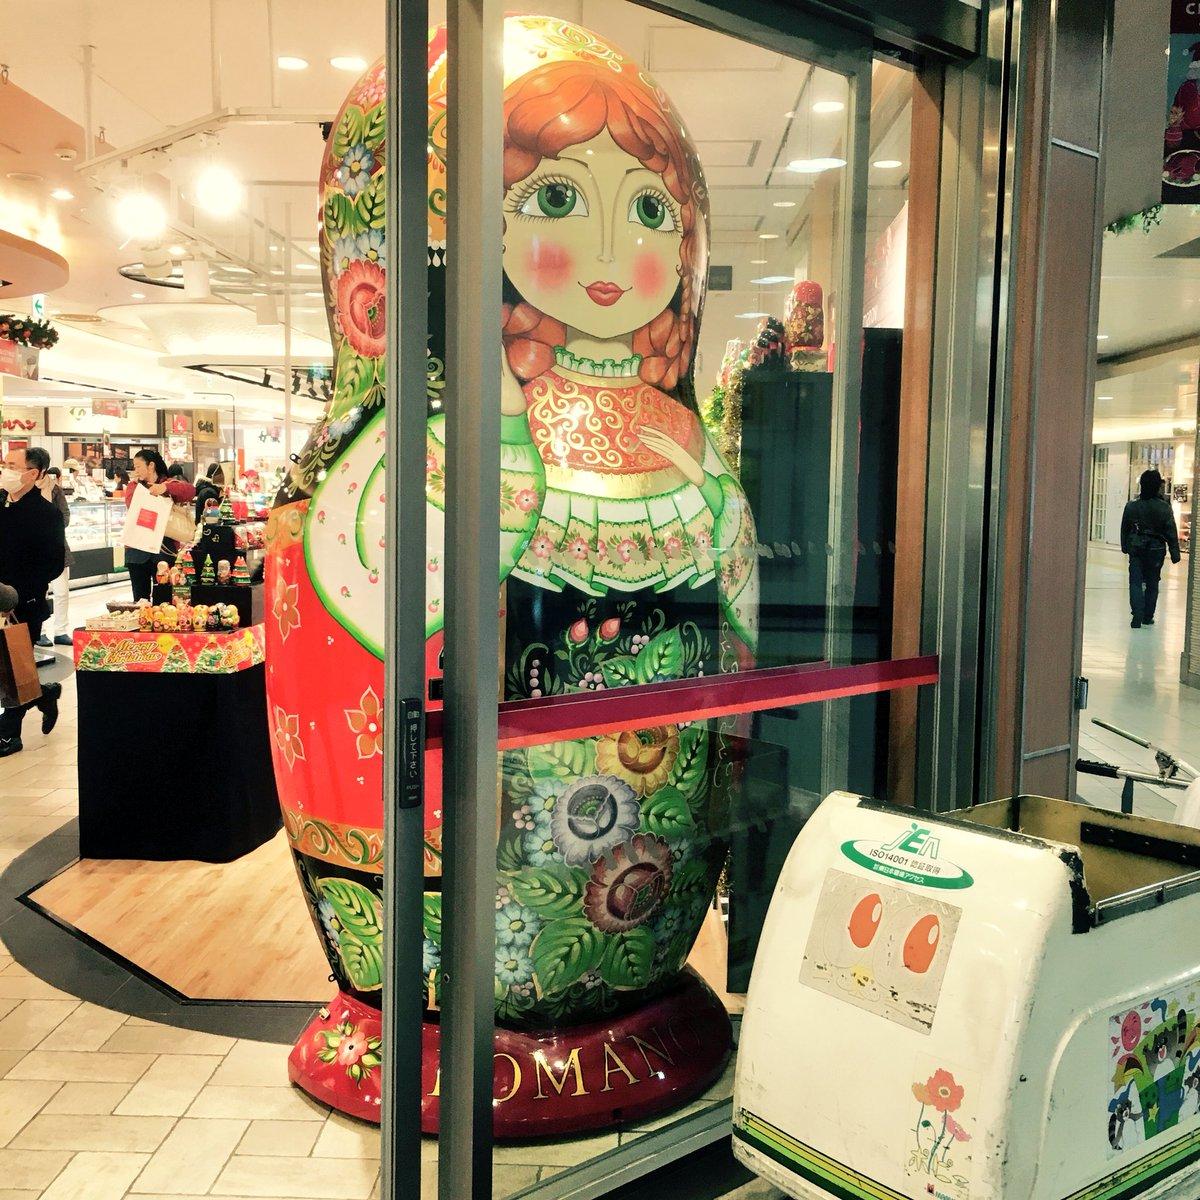 ぎゃー 上野駅構内のマトリョーシカ屋可愛い…!期間限定のお店らしい。たまらんな。マトリョーシカのピアス買った。 https://t.co/tJLyh03Khc